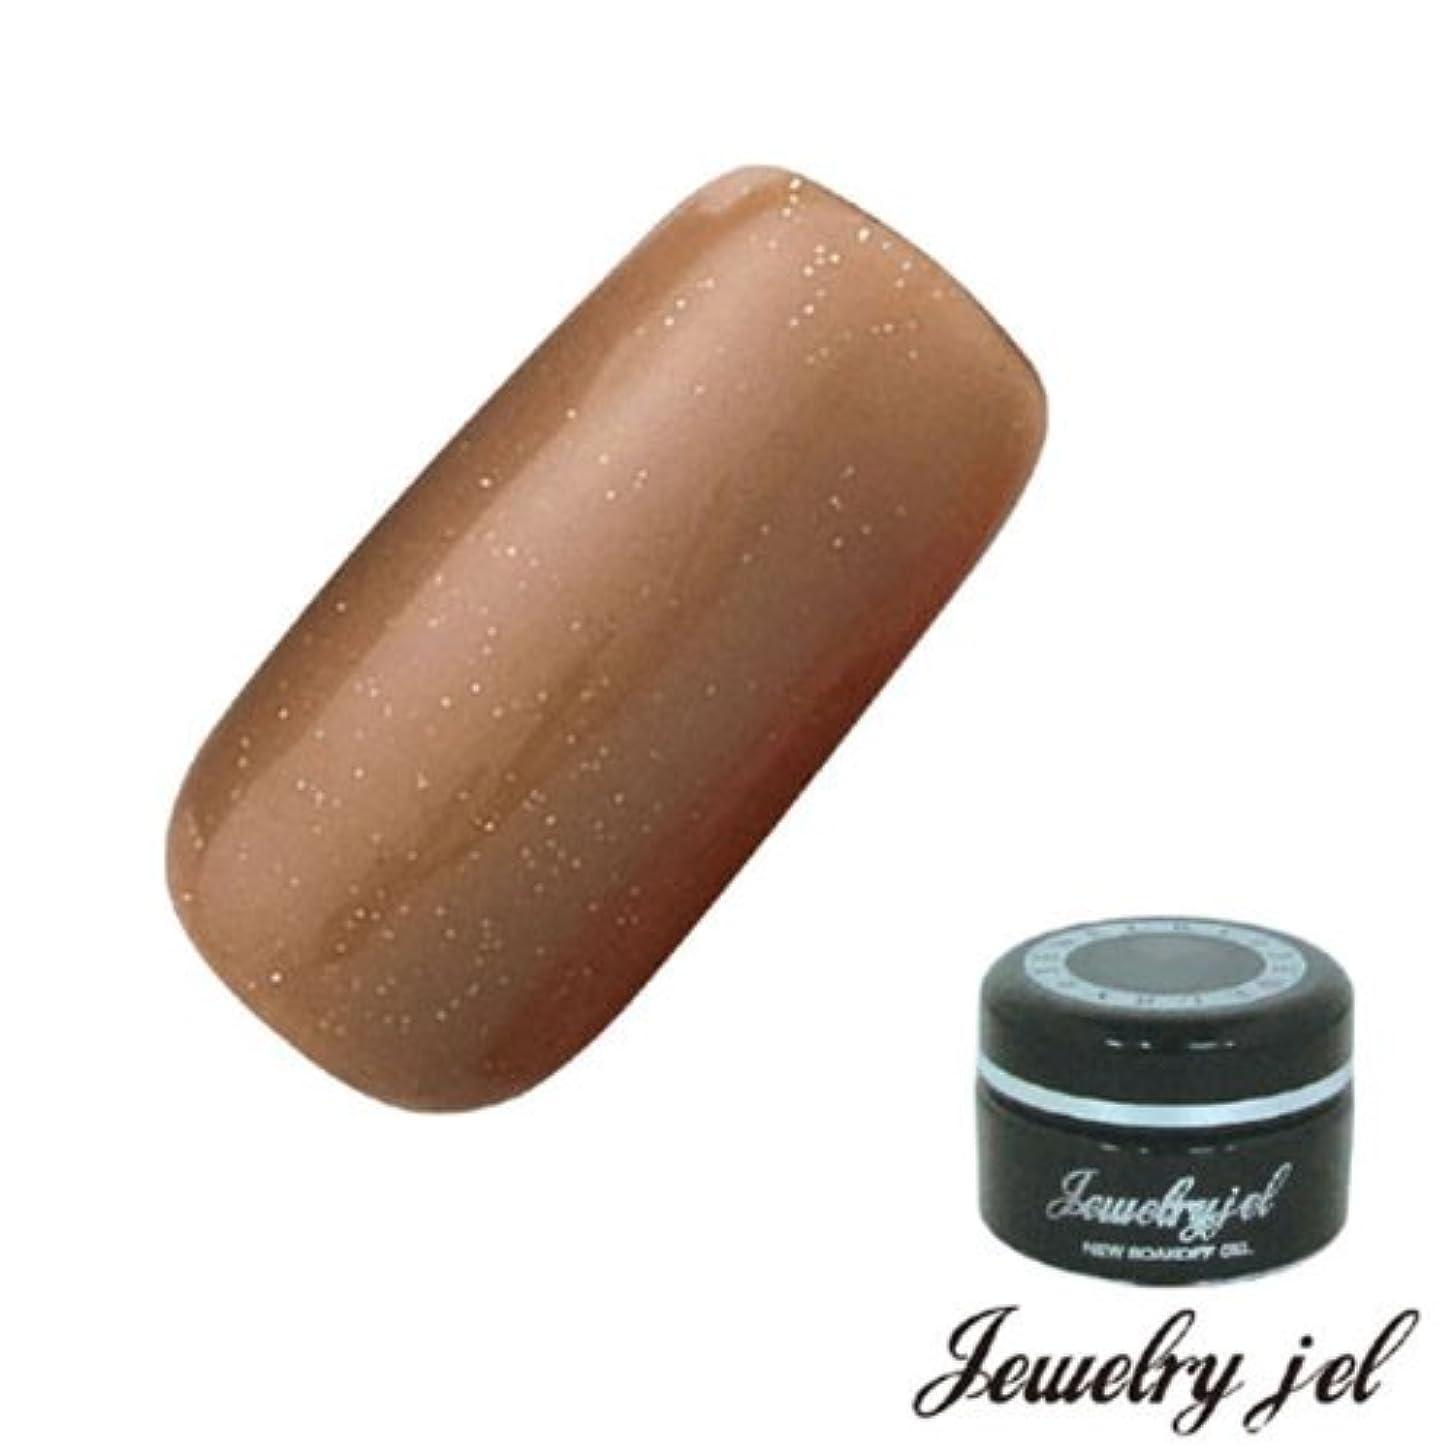 ジュエリージェル ジェルネイル ジュエリージェル カラージェル SC217 3.5g ミルクティベージュ パール入り UV/LED対応  ソークオフジェル ブラウンパール入りミルクティベージュ